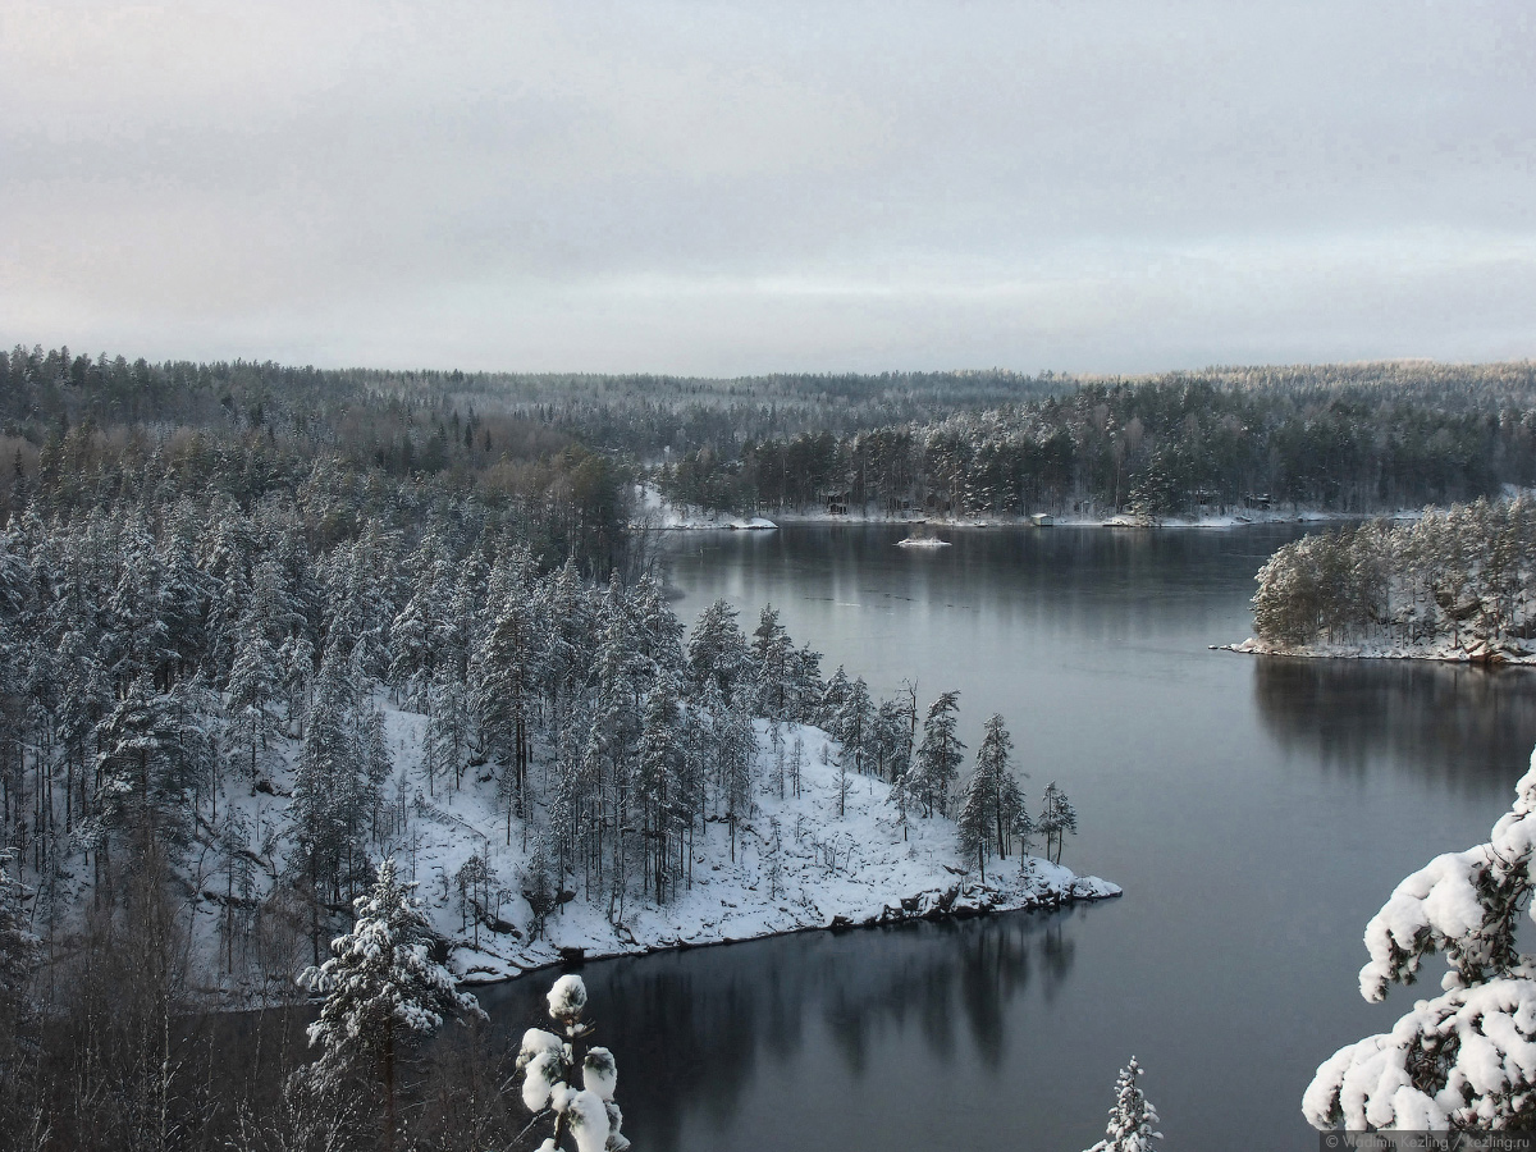 Финские уикенды. Национальный парк «Реповеси» зимой. Южная часть